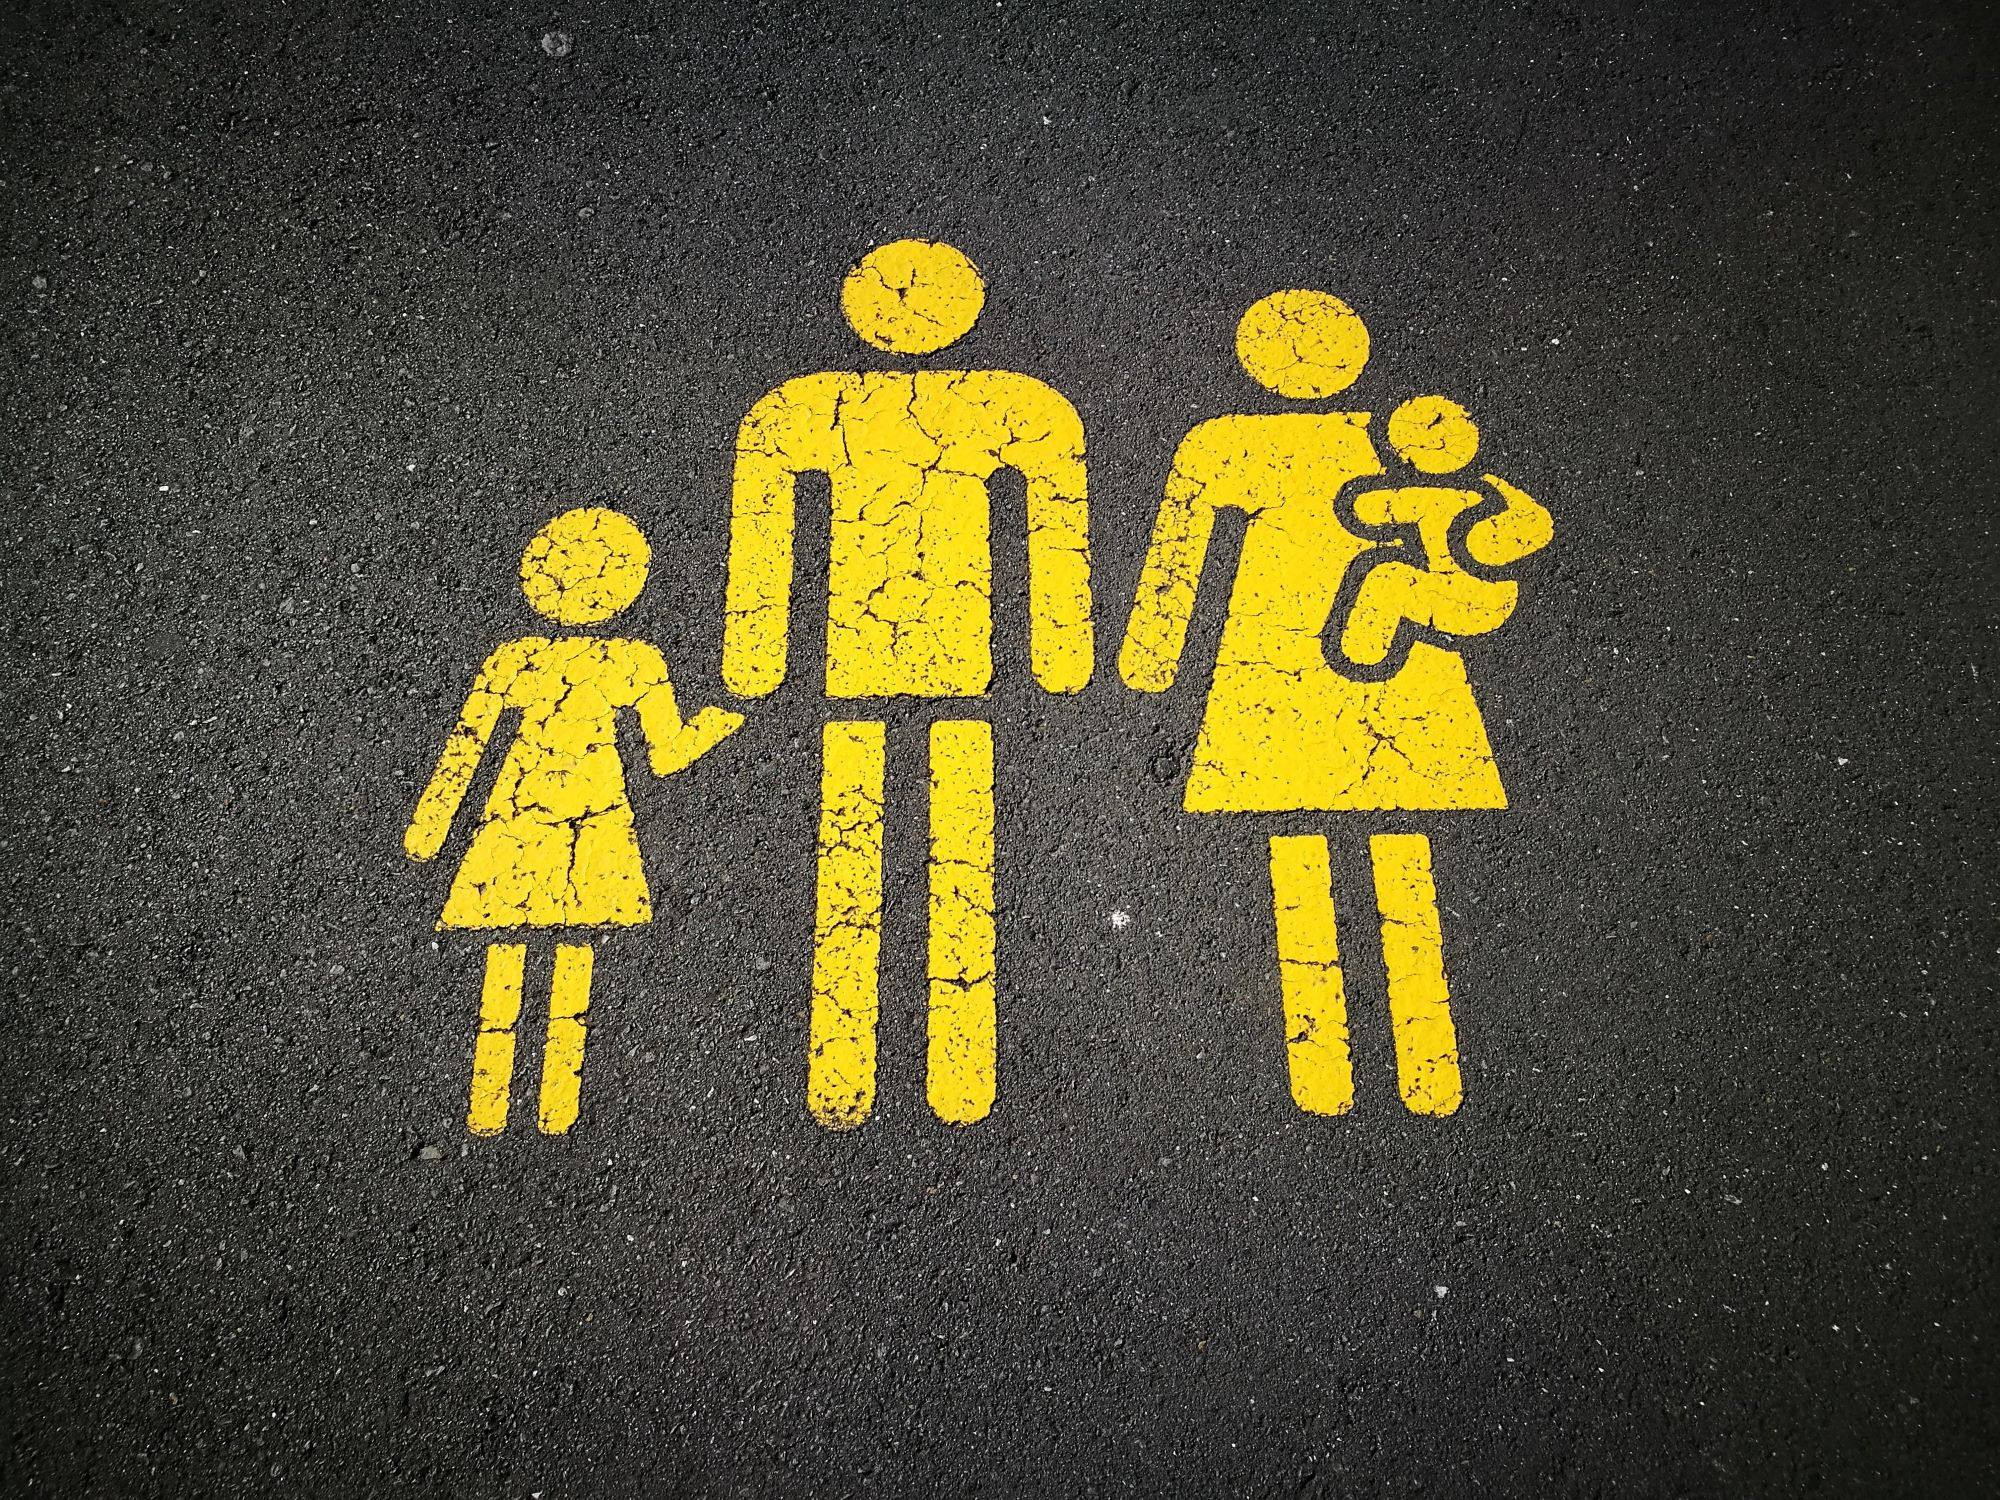 La Estrategia del Nuevo Orden para Desmontar la Familia [¿cómo podemos defenderla?]